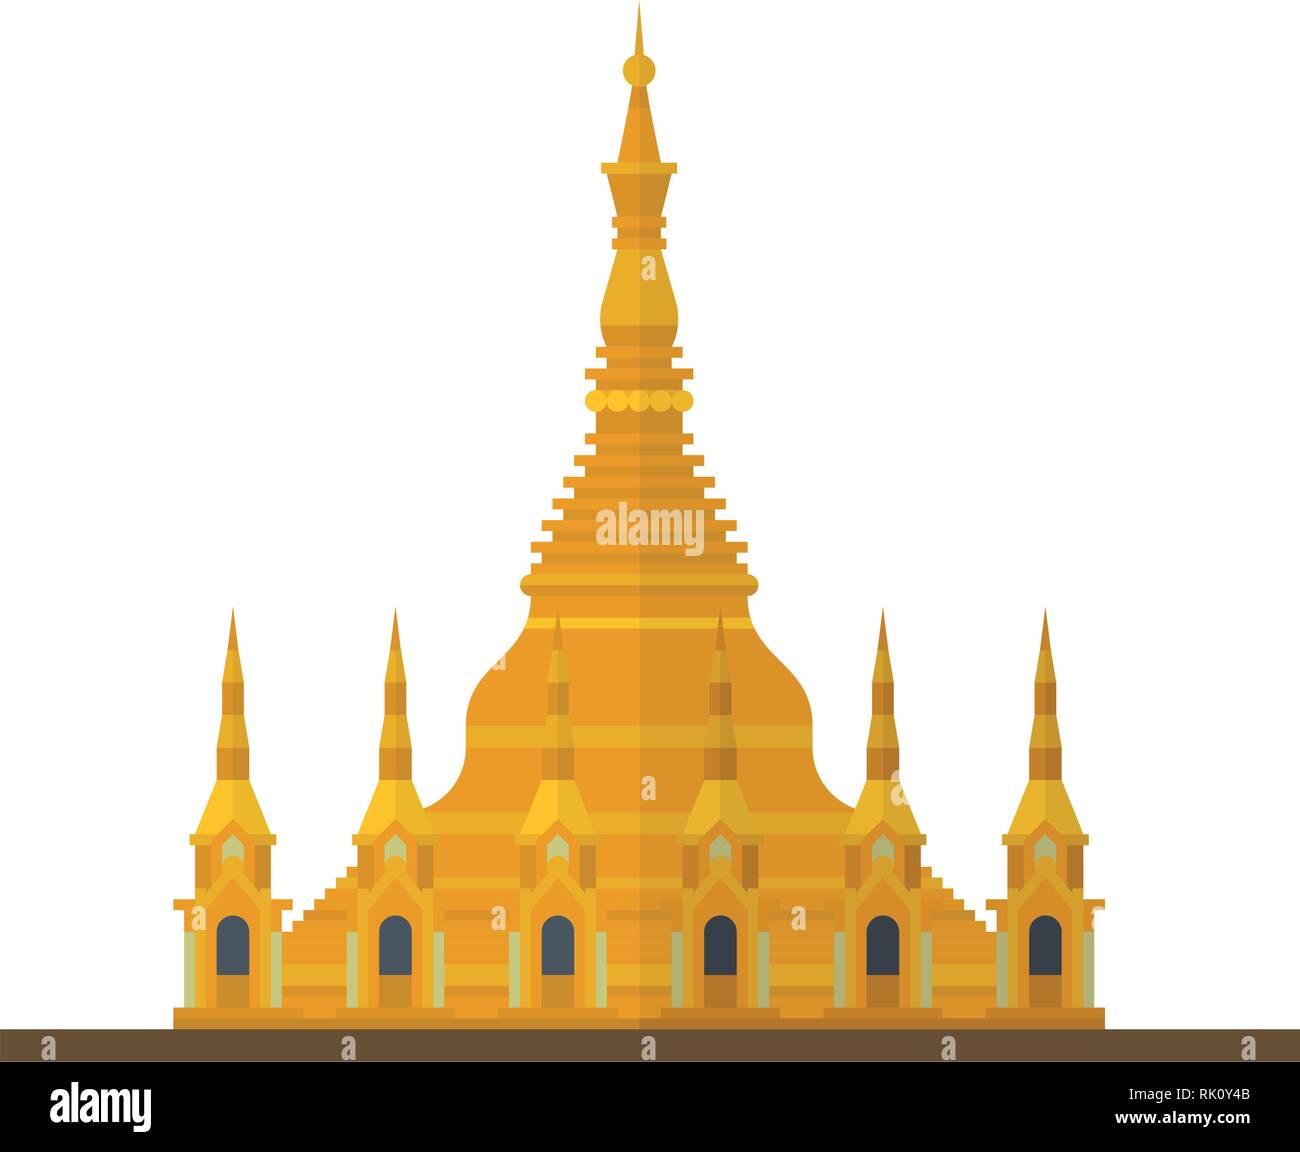 Flat design isolated vector icon of Shwedagon Pagoda, Yangon, Myanmar - Stock Vector